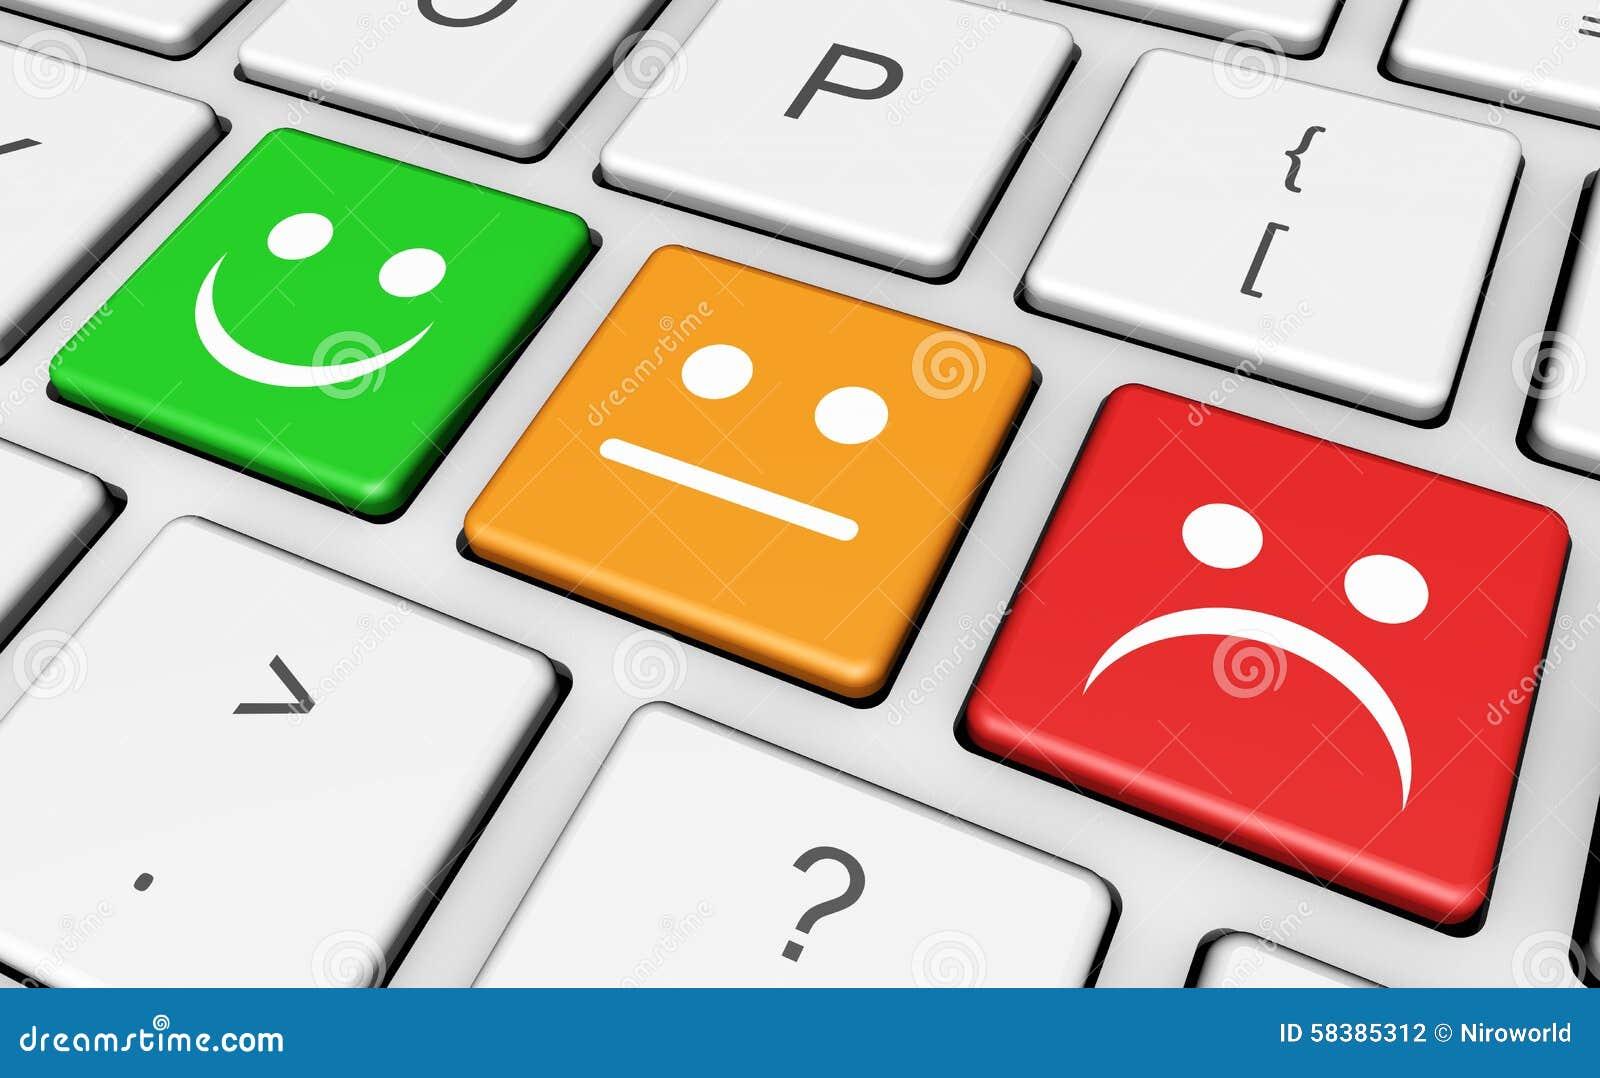 Business quality customer feedback keyboard stock illustration business quality customer feedback keyboard buycottarizona Image collections